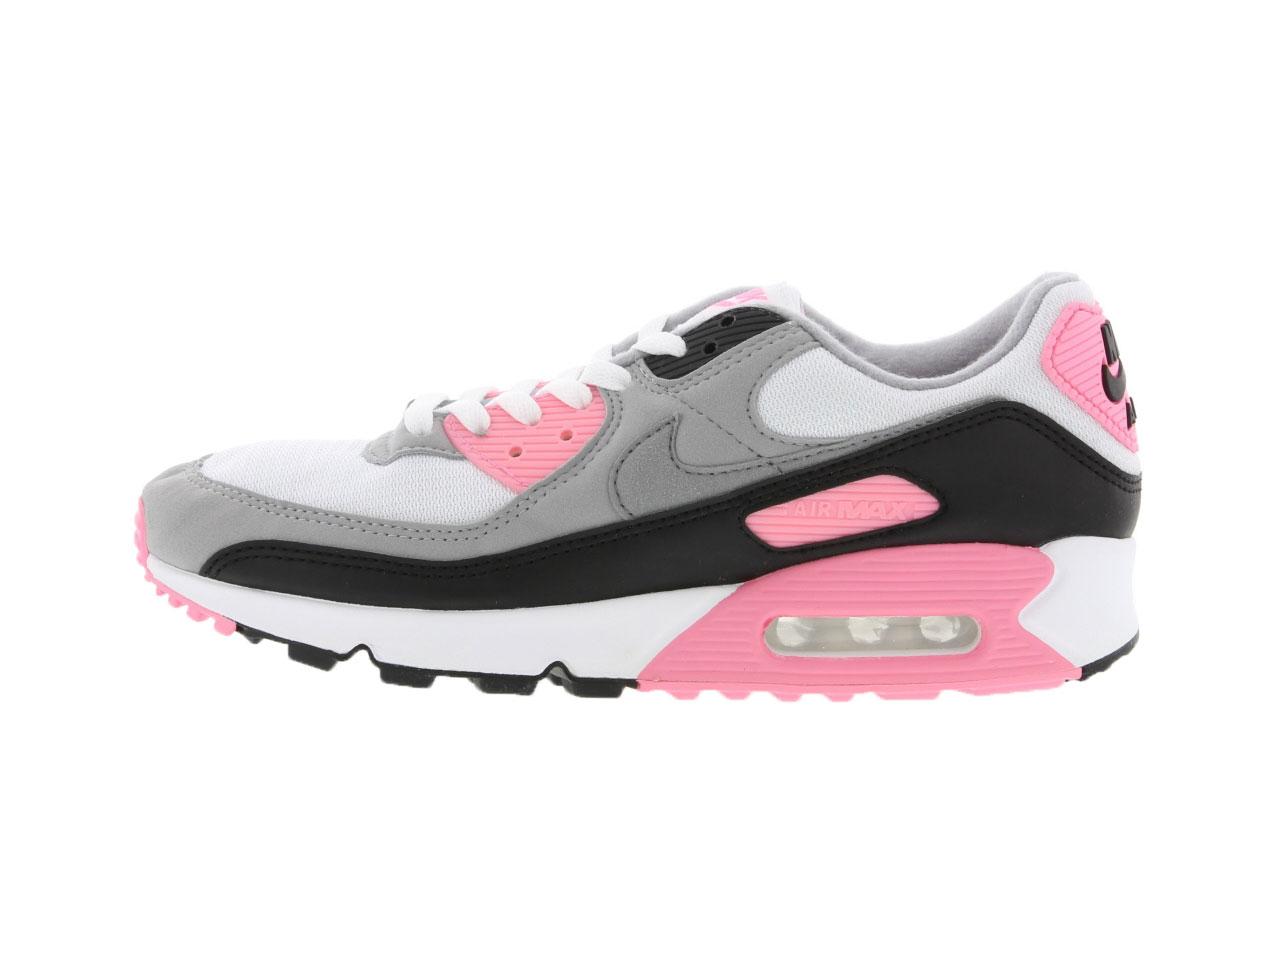 【20%OFF!】NIKE AIR MAX 90(CD0881-101)【ナイキ】【メンズファッション】【シューズ】【スニーカー】【靴】【フットウェア】